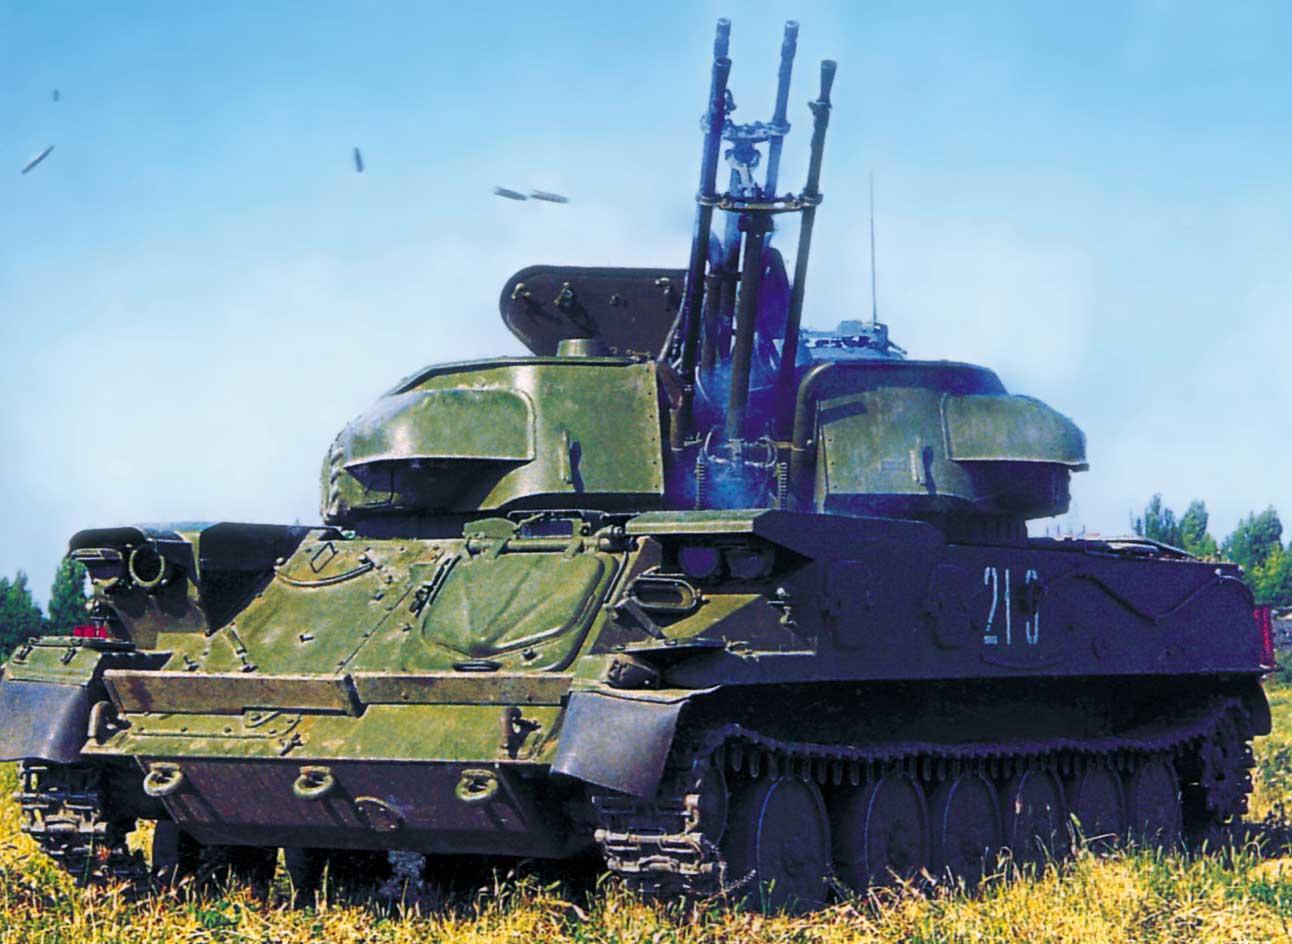 ЗСУ-23-4 Шилка - СССР противовоздушная оборона